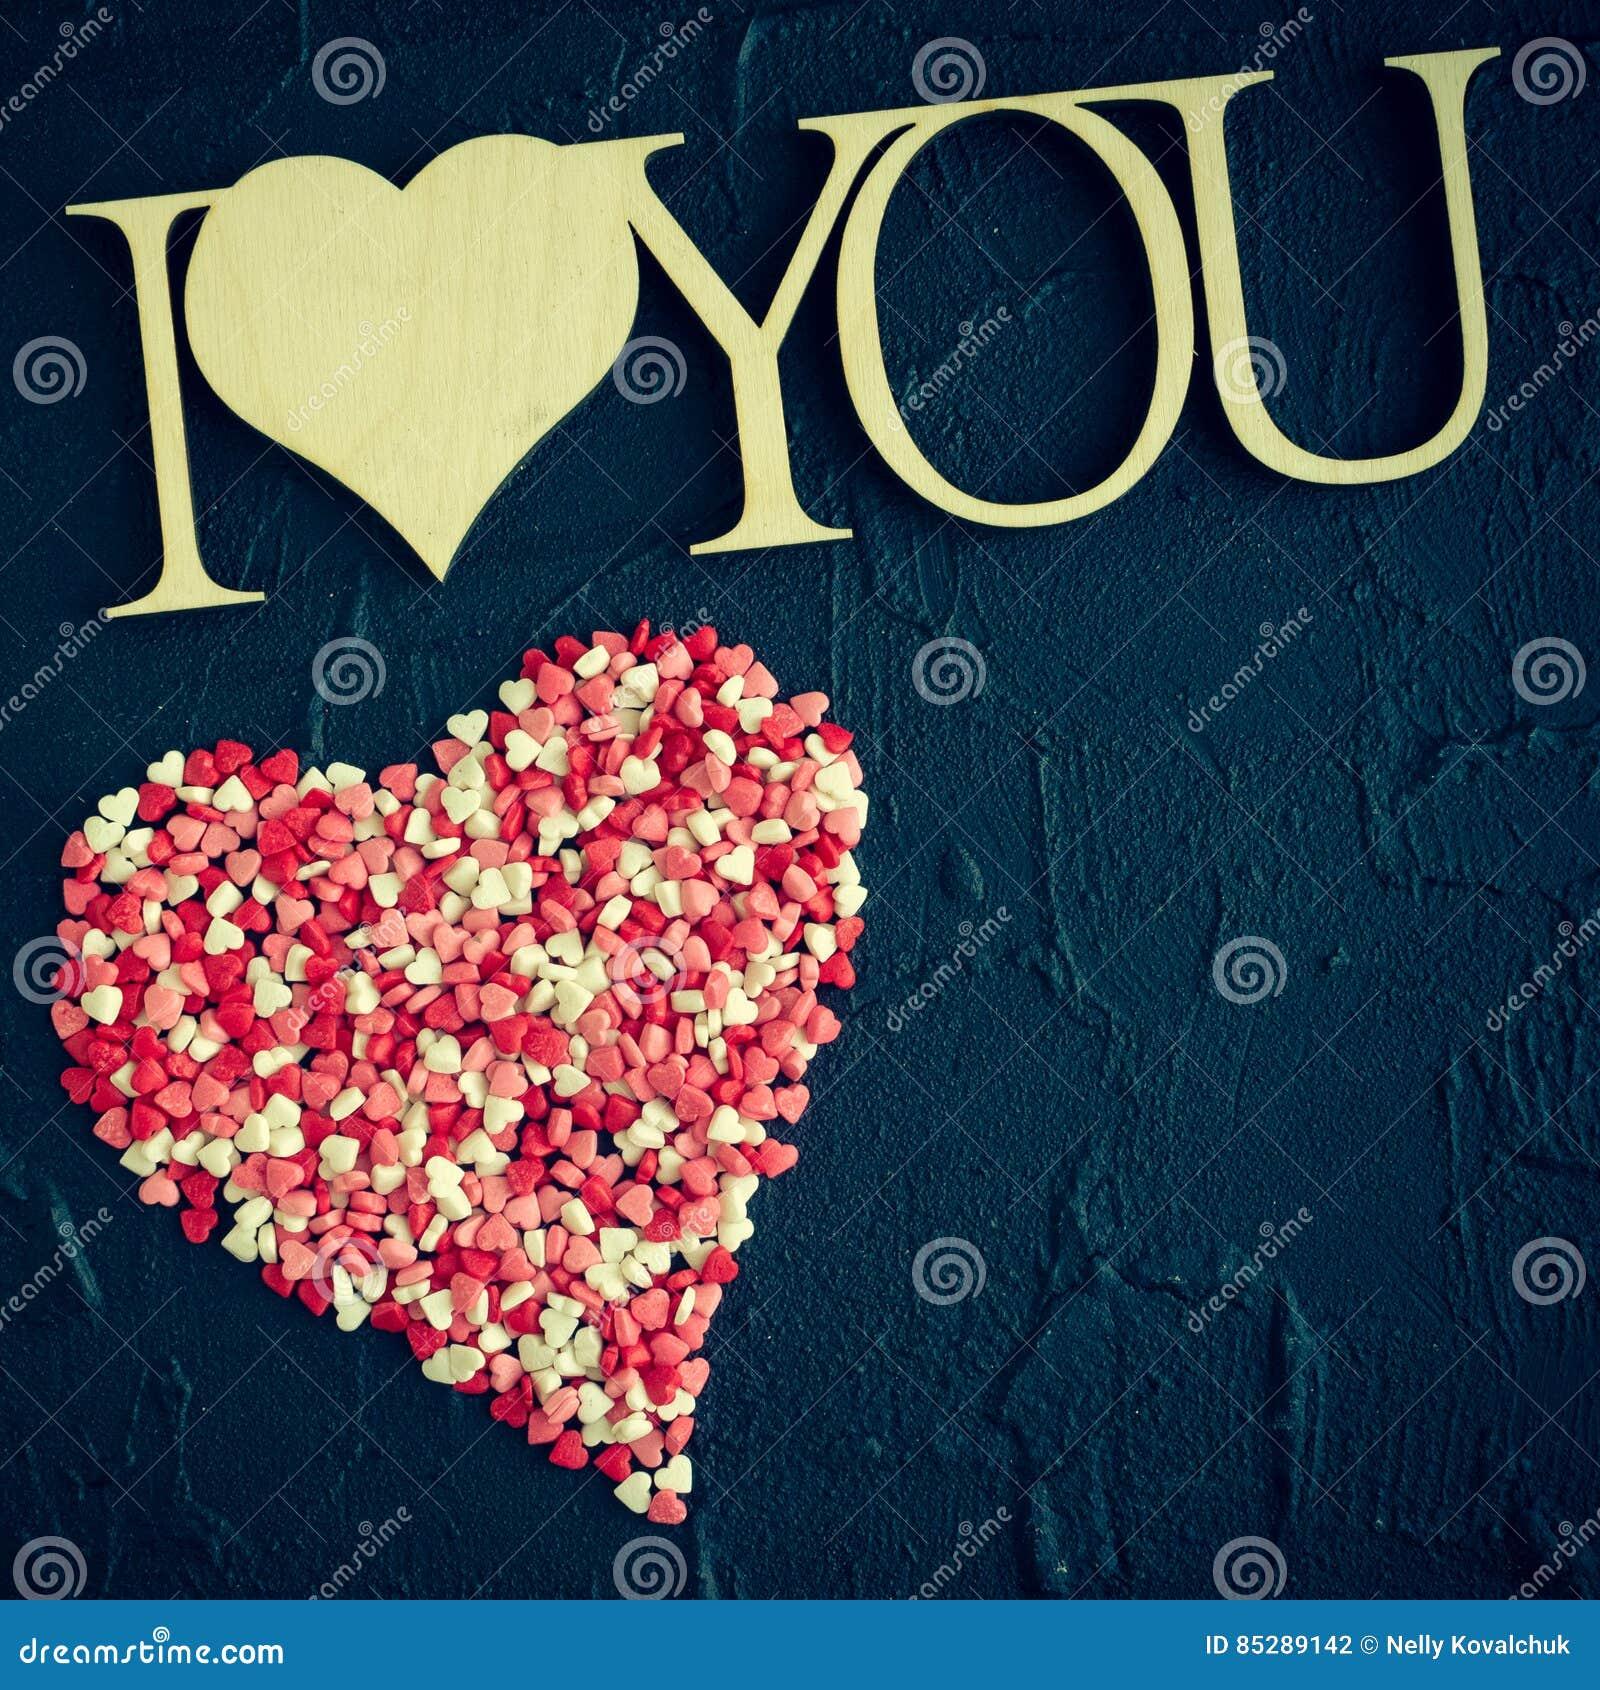 我爱你-在黑石背景的木词组